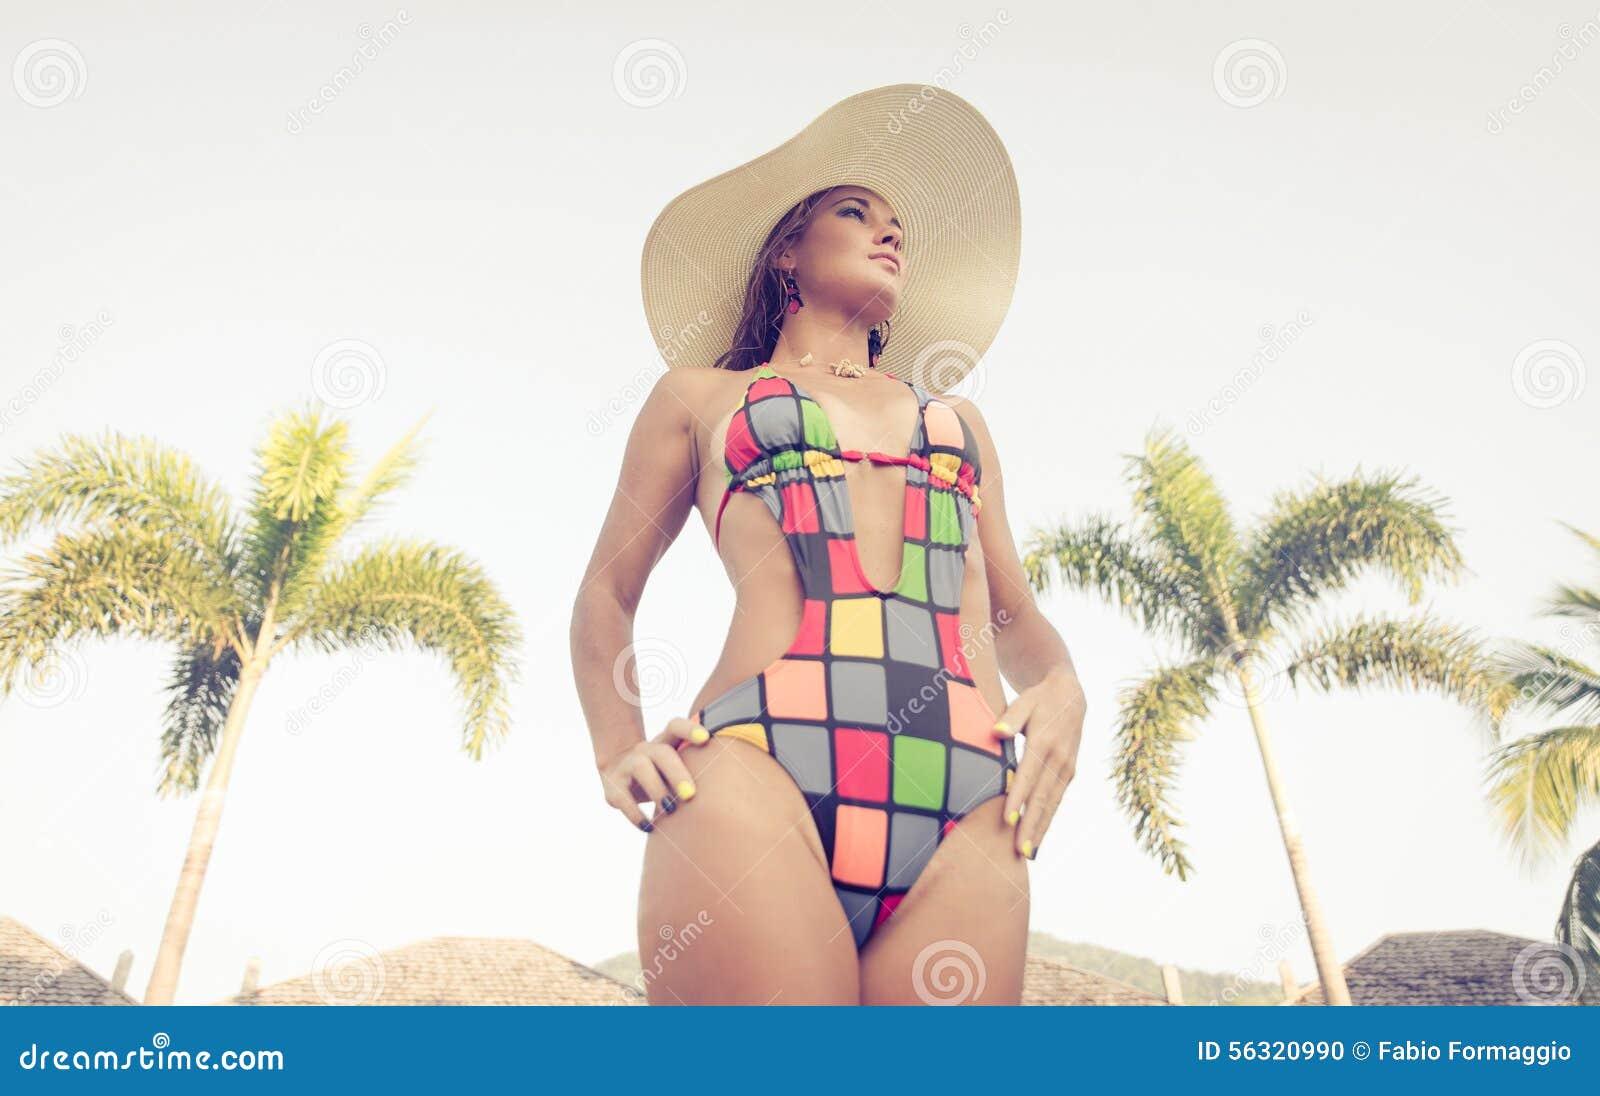 Heiße Frau mit Hut- und Bikiniporträt